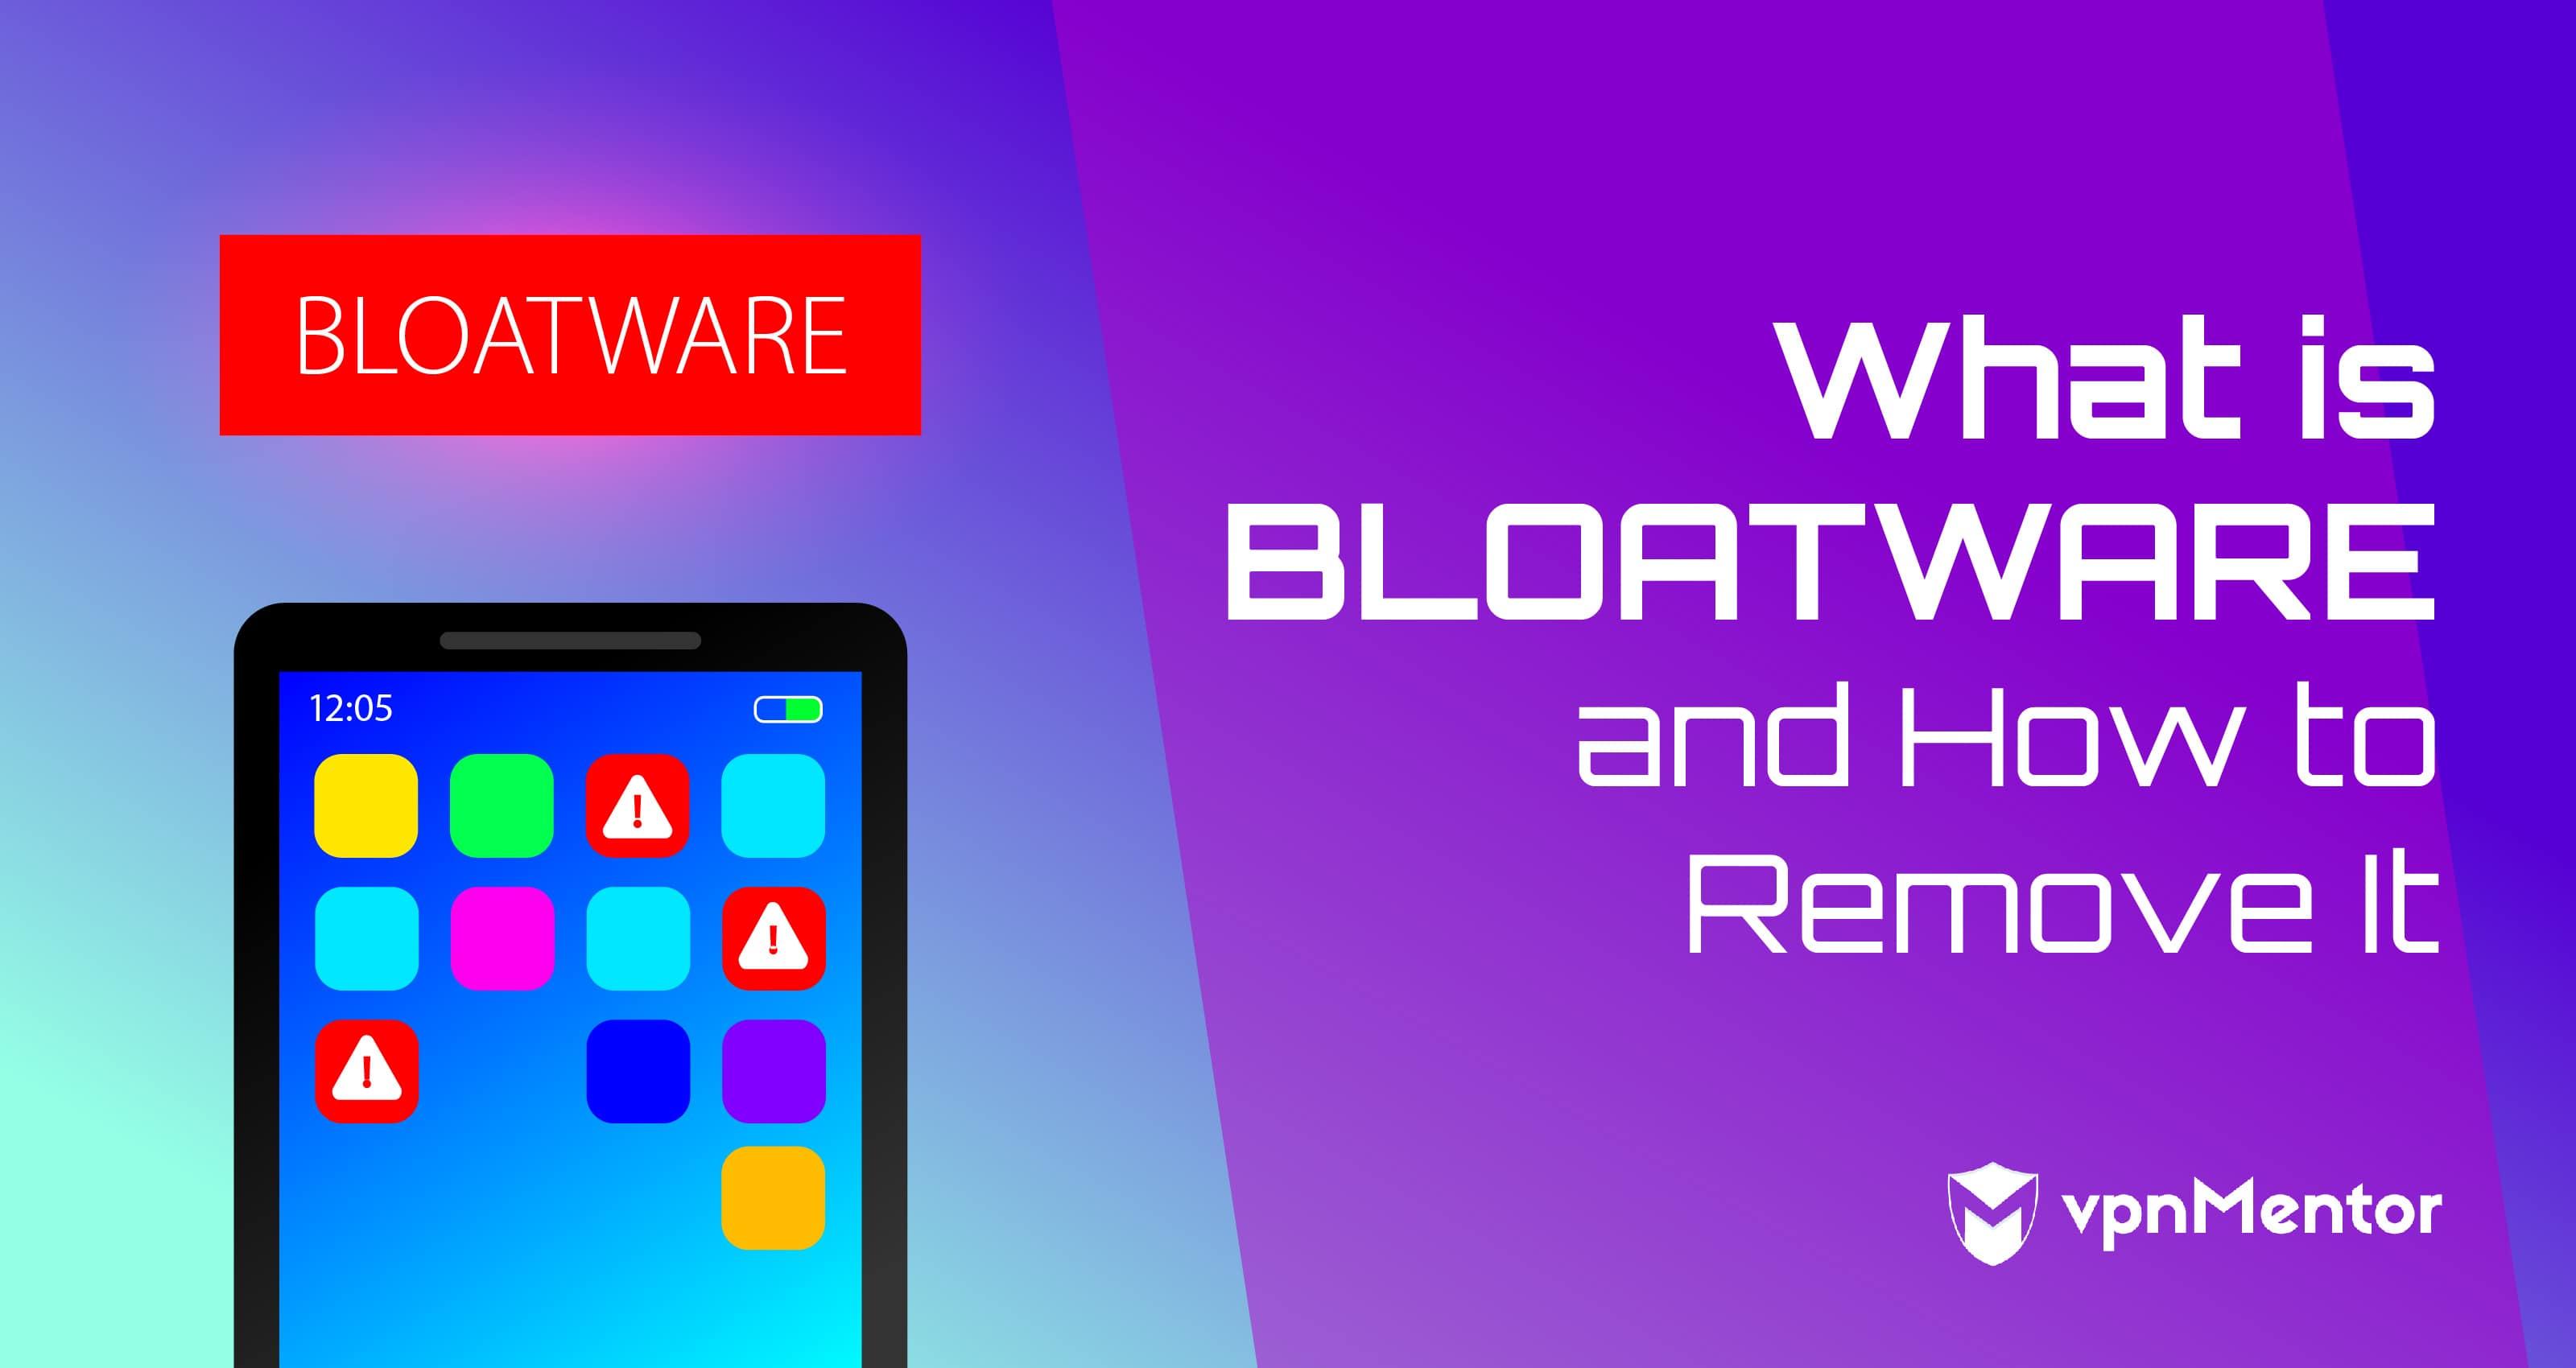 What is Bloatware?